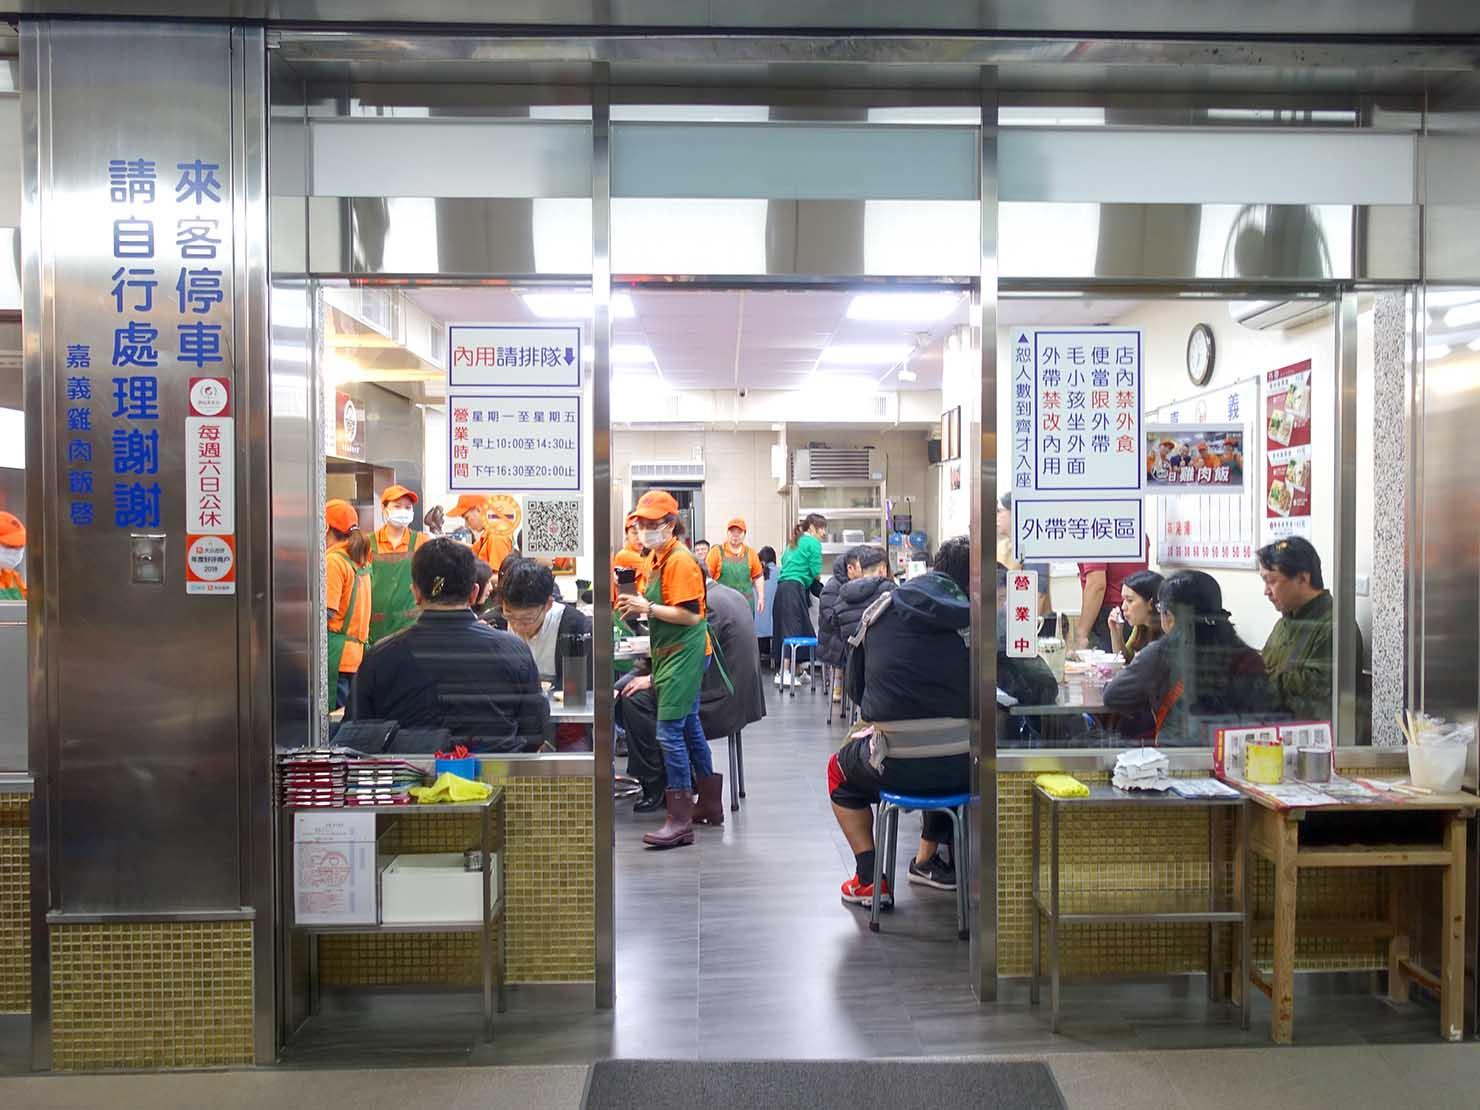 台北・松江南京駅(四平街商圈)周辺のおすすめグルメ店「梁記嘉義雞肉飯」のエントランス